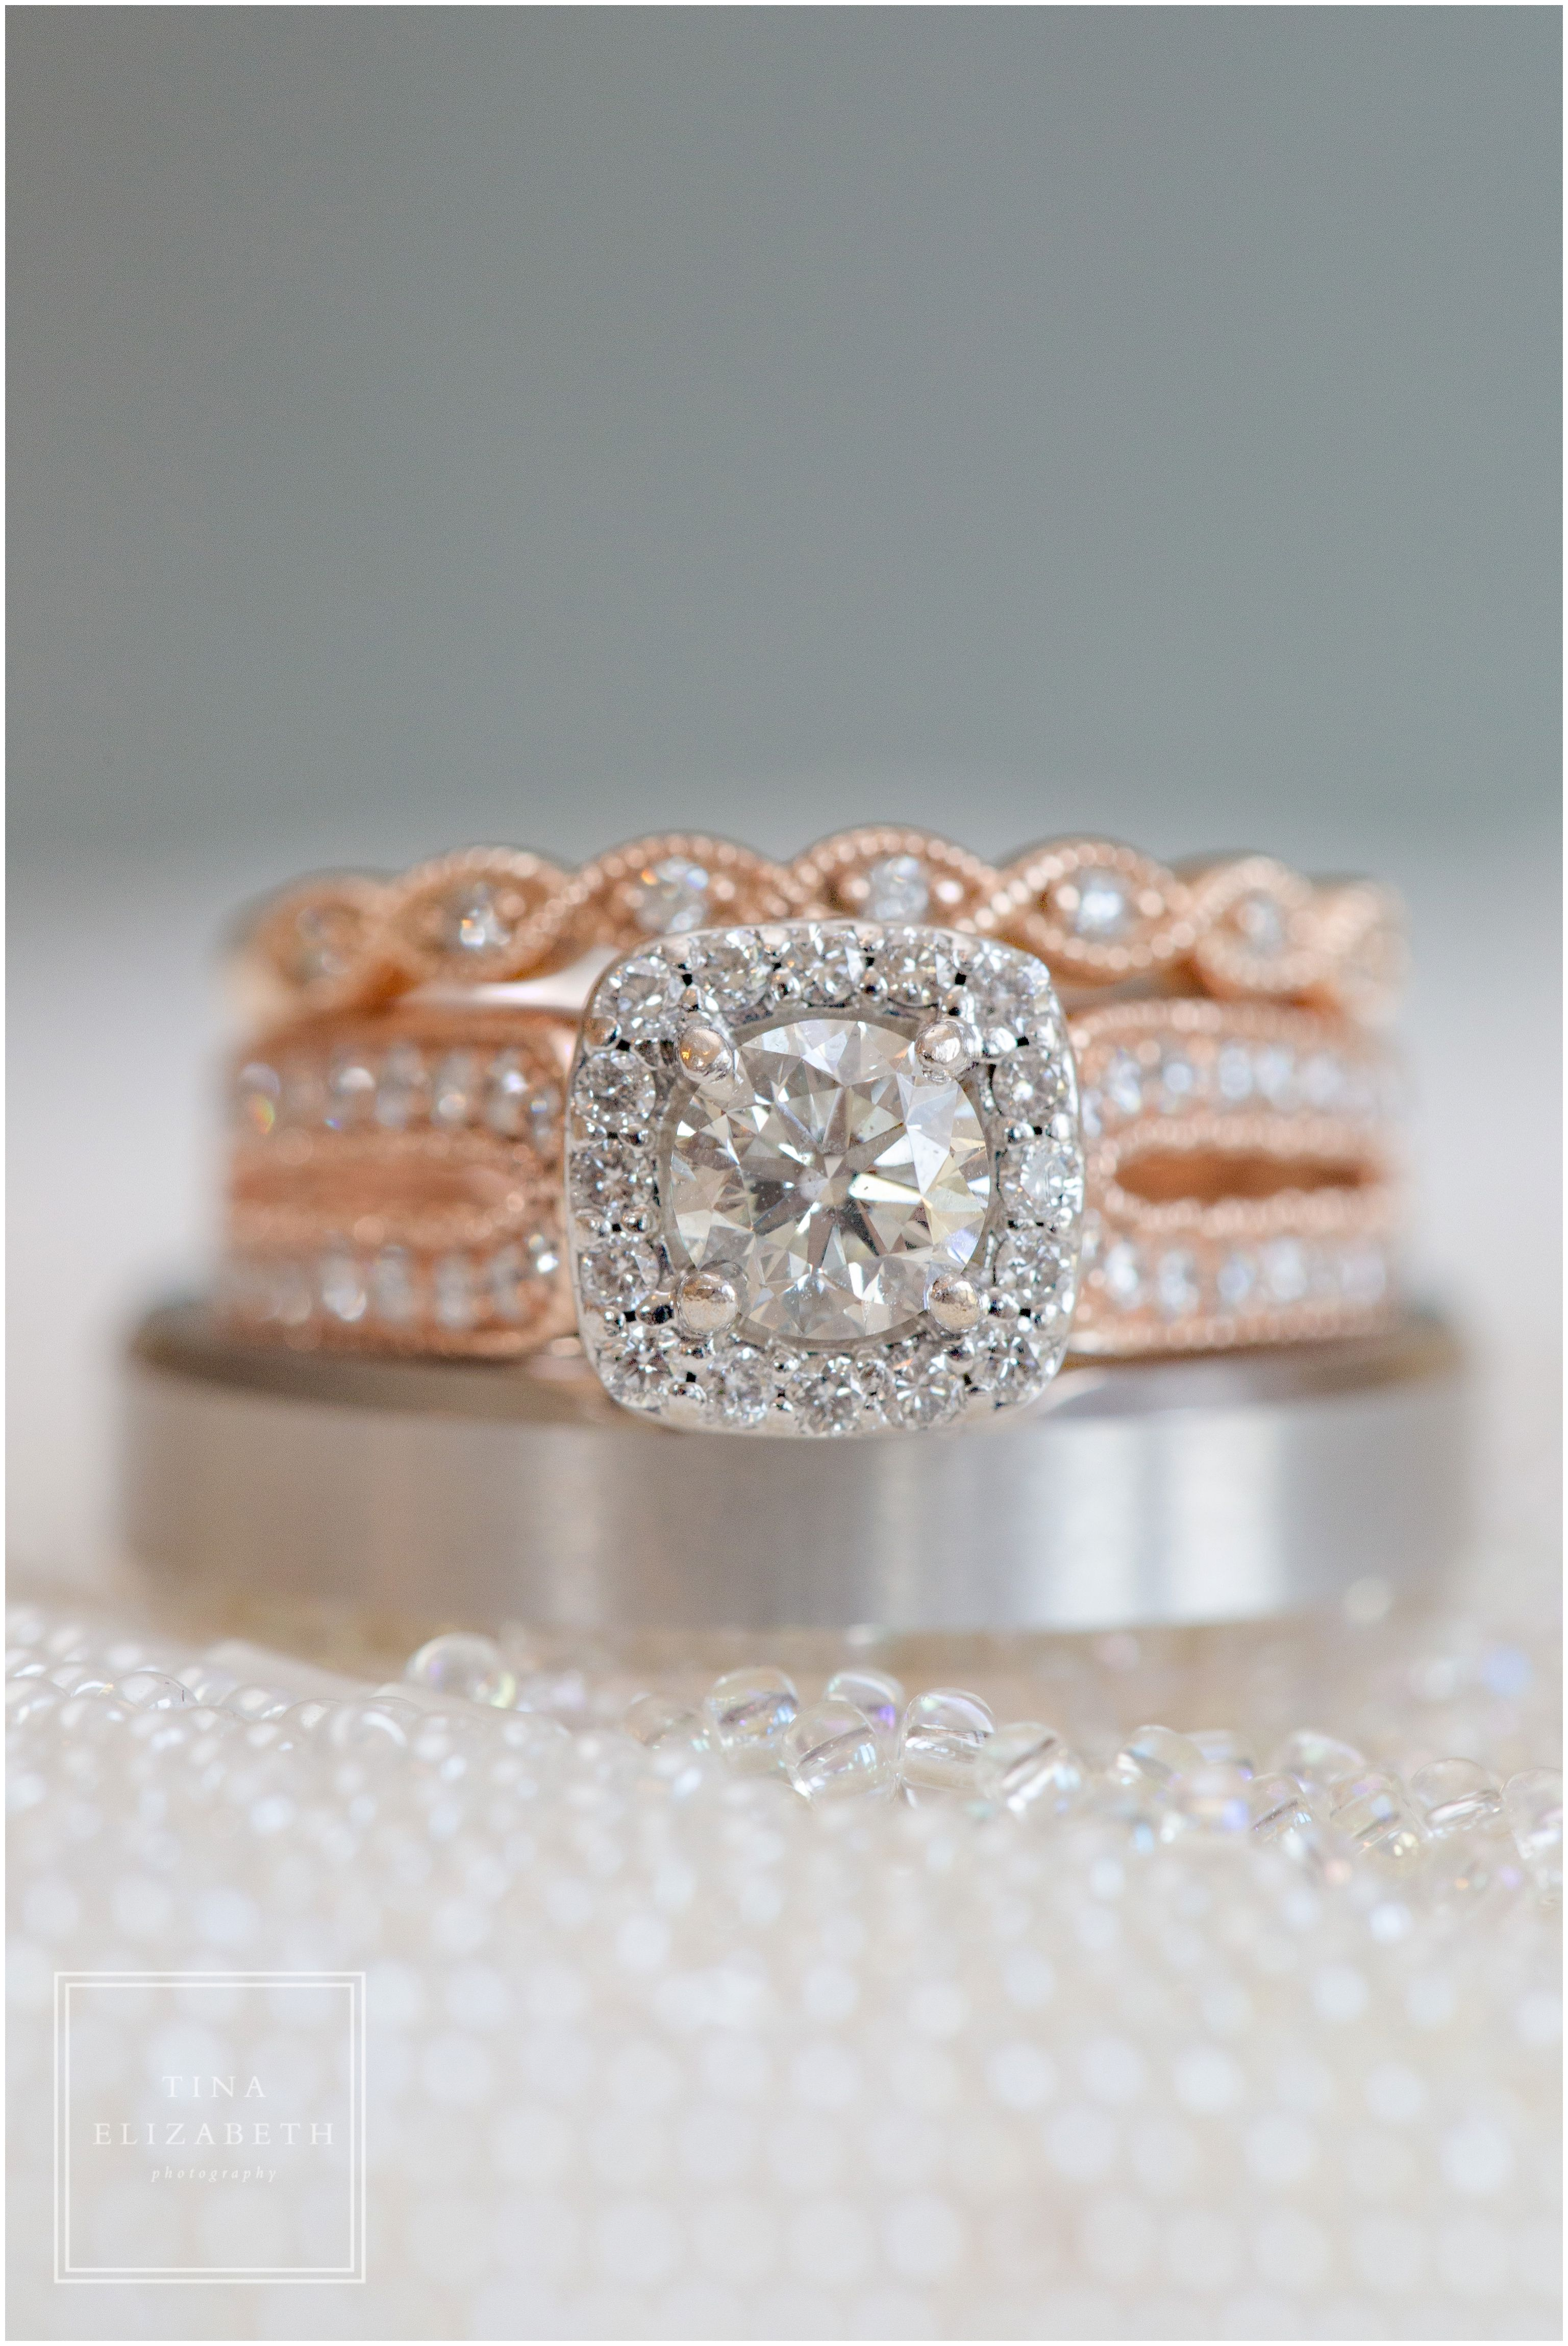 Rose Gold Wedding Band Engagement Ring Rock Island Lake Club Sparta Nj Wedding Photog Engagement Ring Wedding Band Nj Wedding Photographer Gold Wedding Band